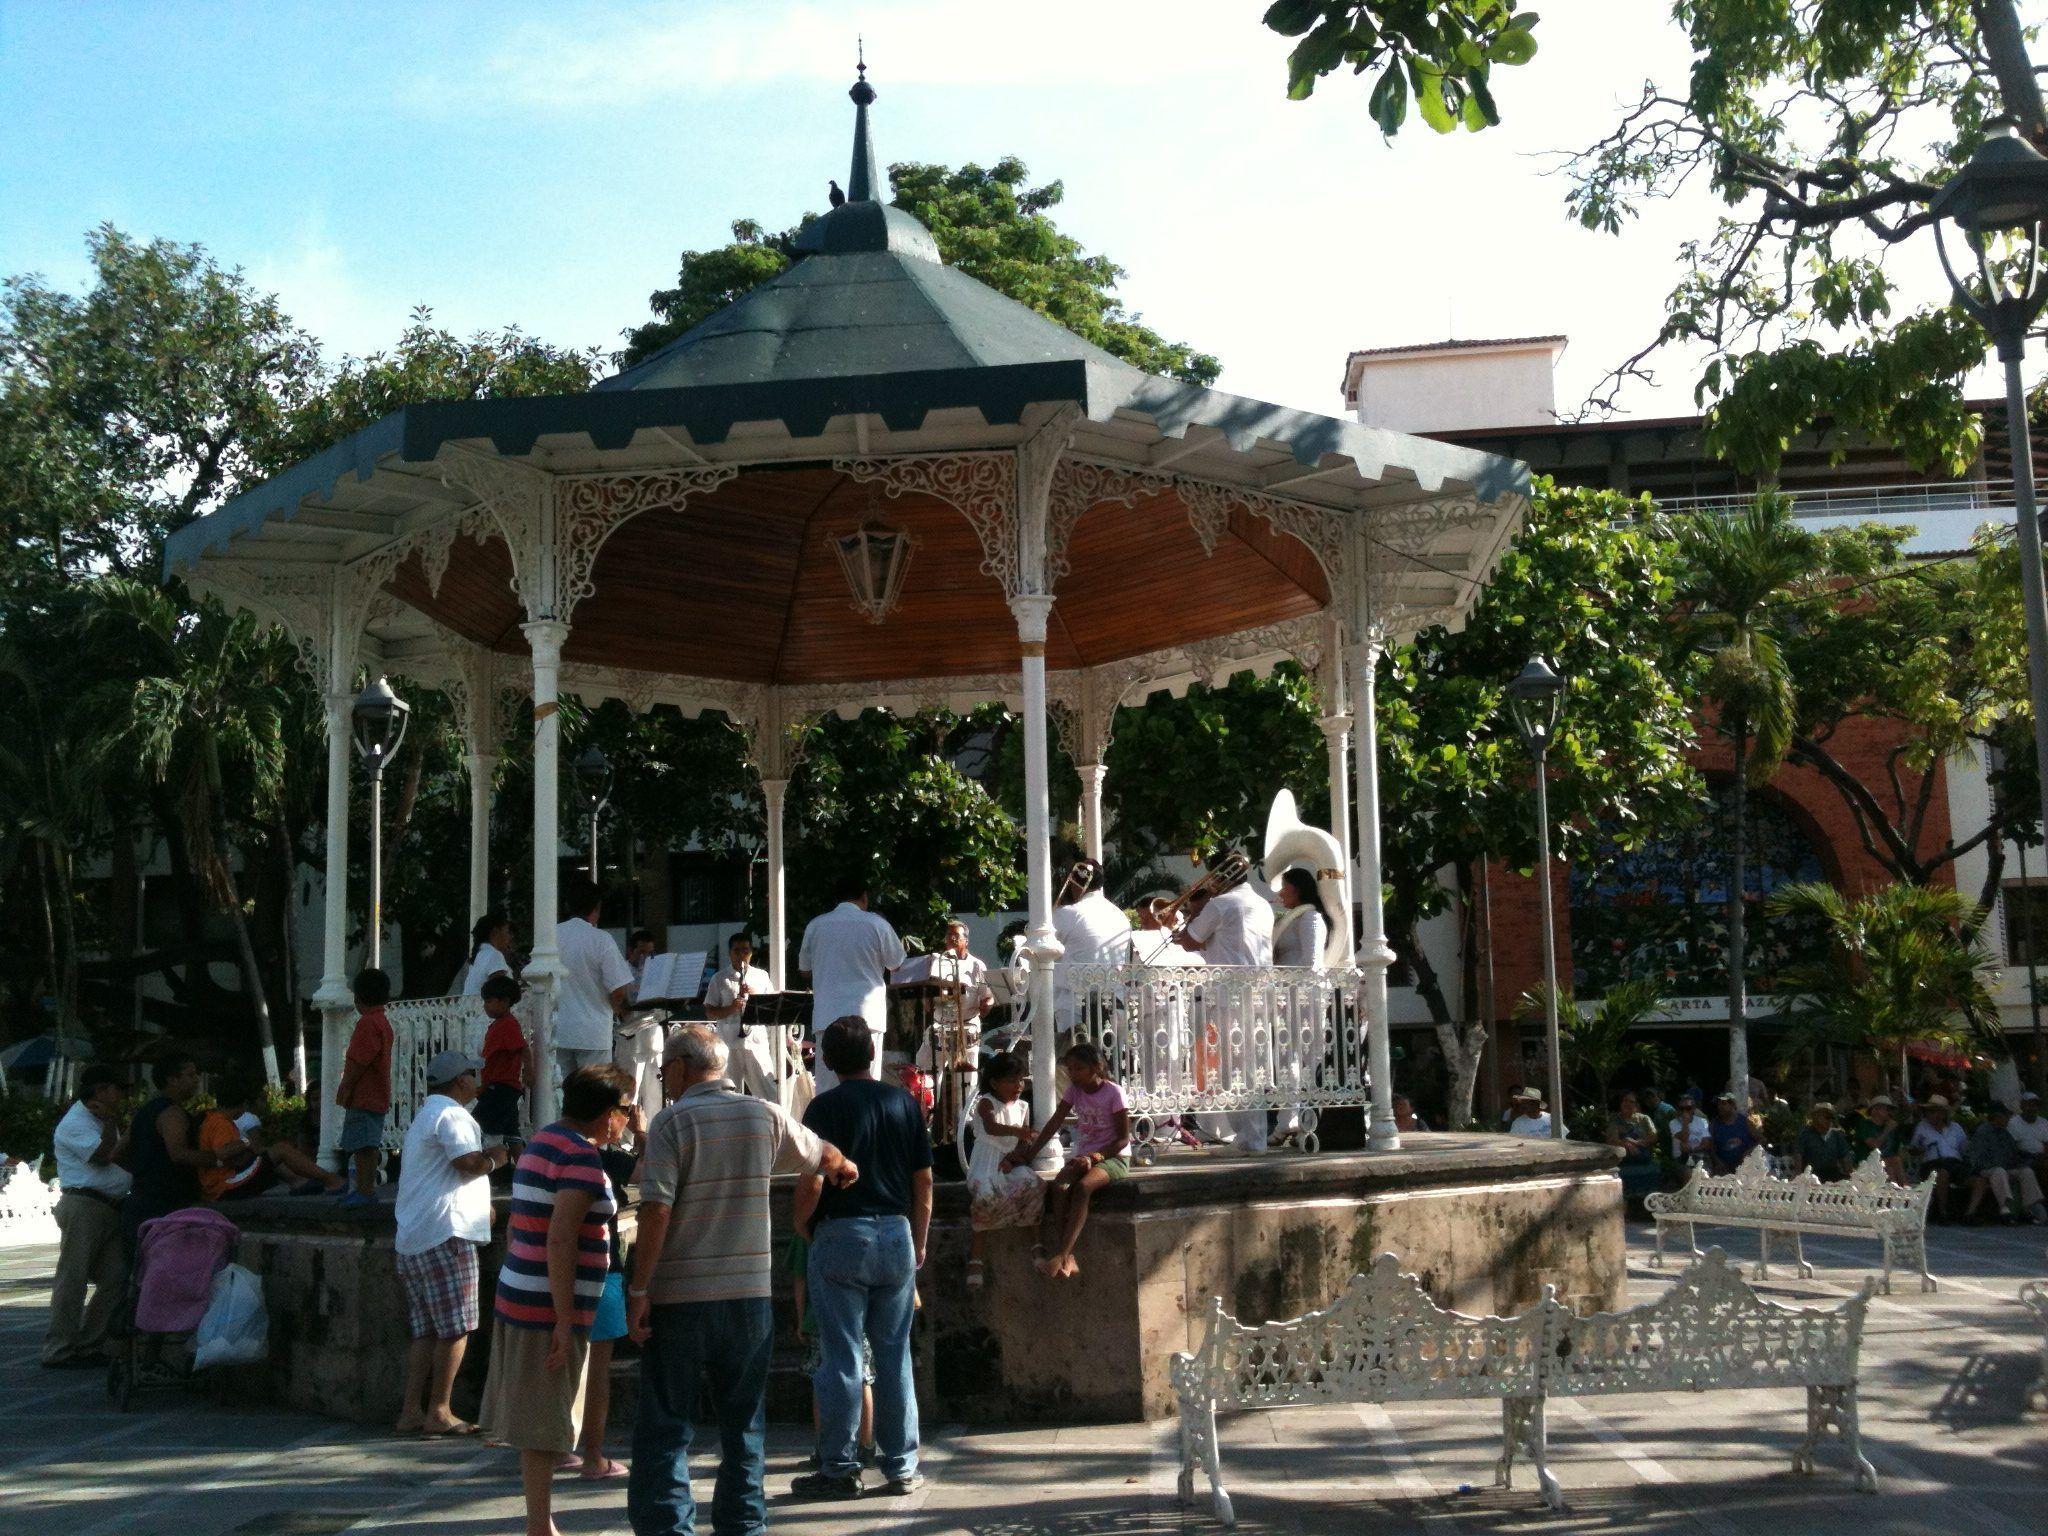 Plaza de armas, Puerto Vallarta